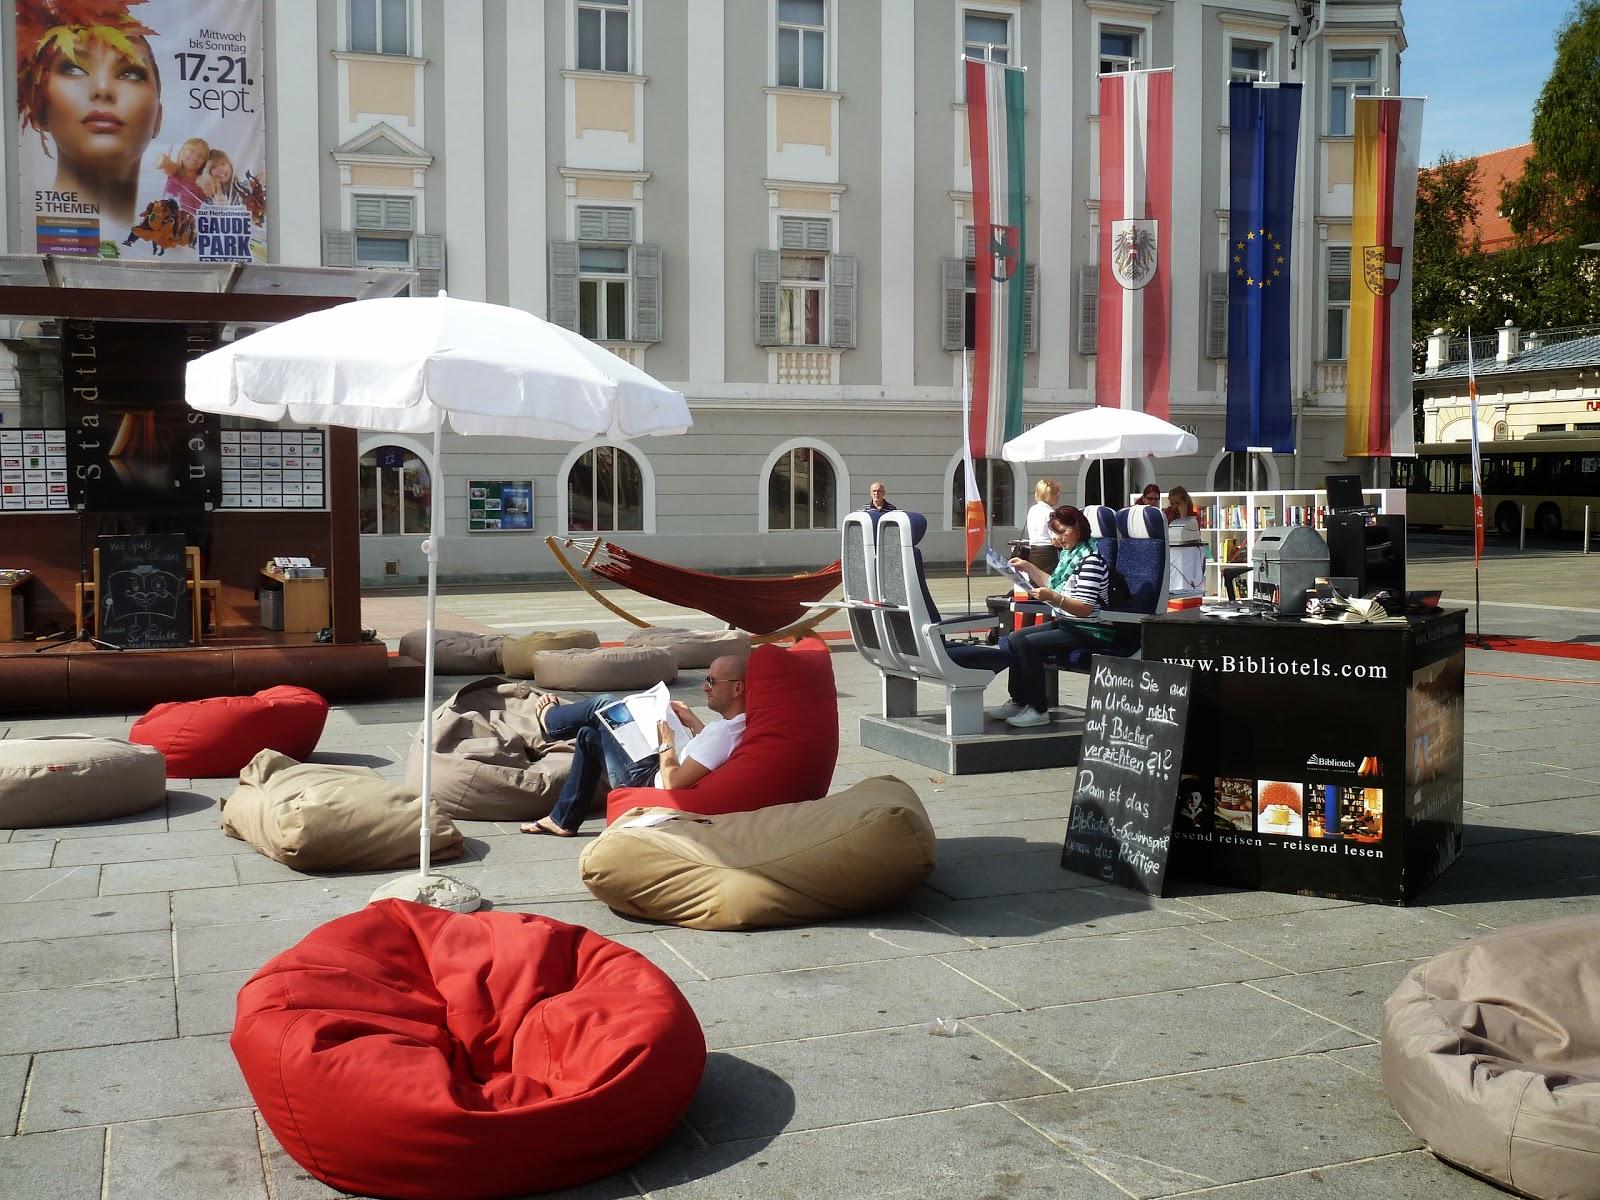 """6ecbc2eea Nos sorprende encontrar en la Plaza mayor """"Alte Platz"""" una especie de  biblioteca ambulante al aire libre, un grupo de hamacas, cojines gigantes,  ..."""